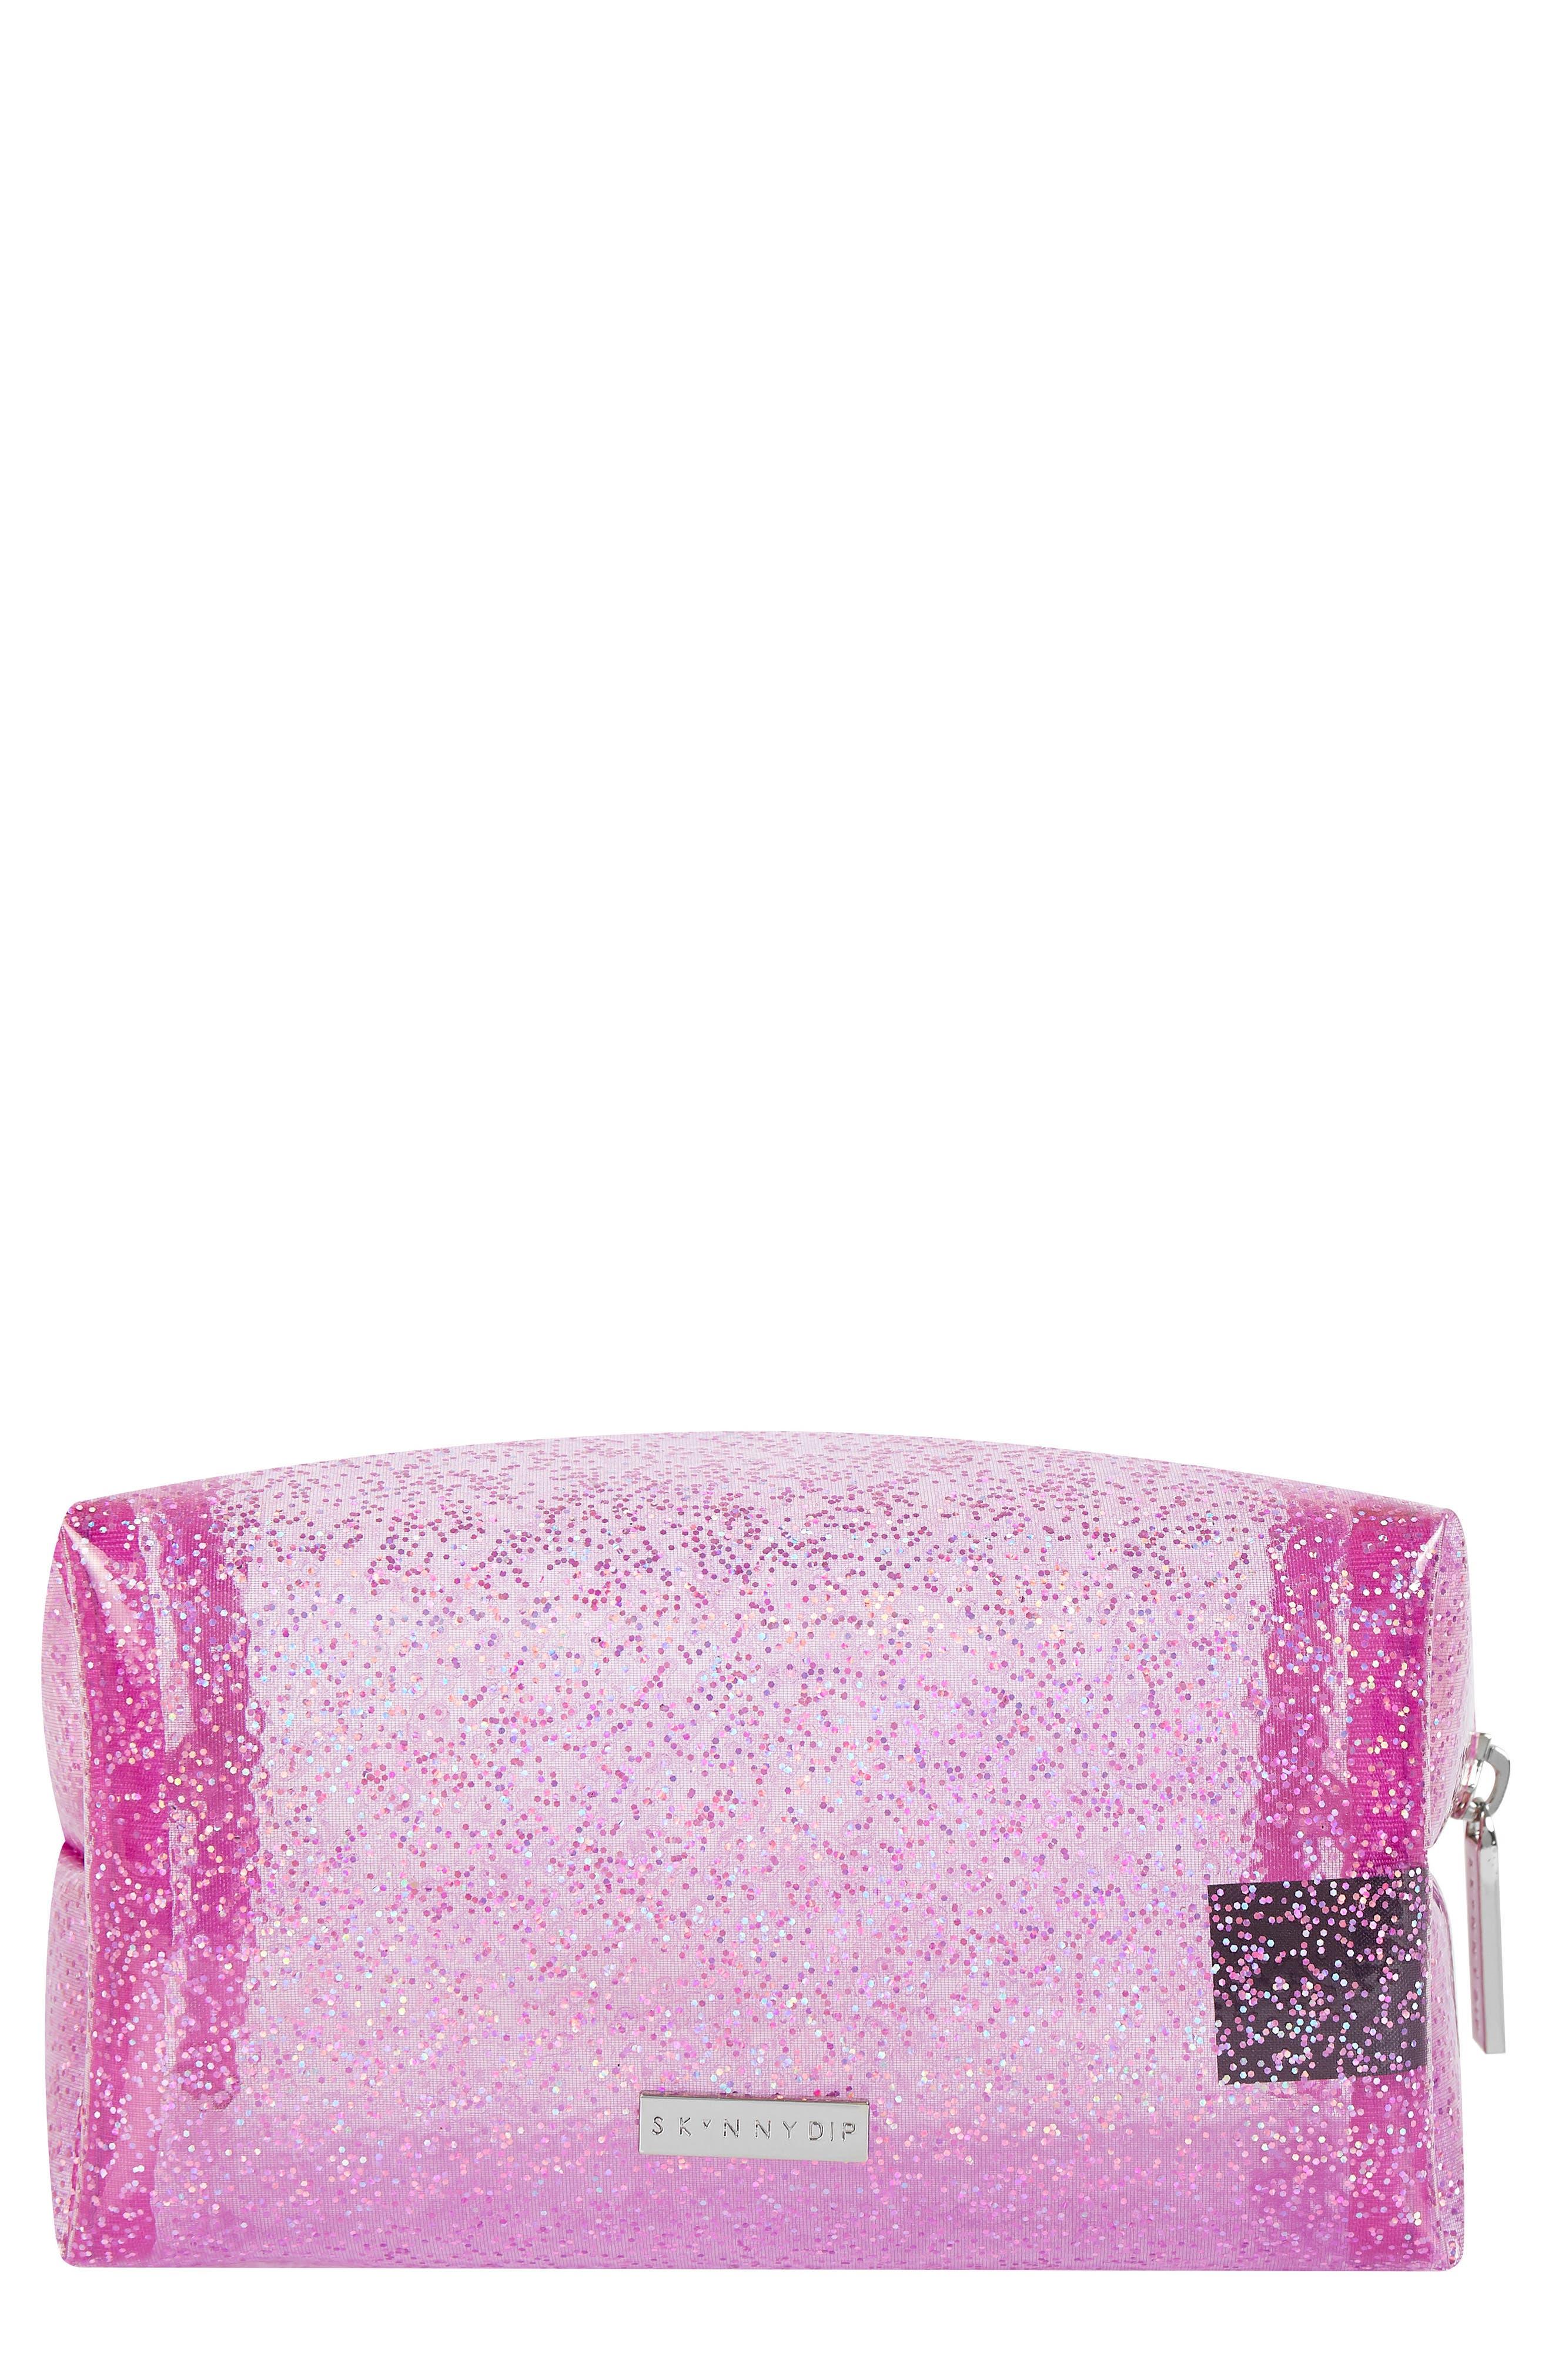 Skinny Dip Glitter Bomb Makeup Bag,                         Main,                         color, No Color